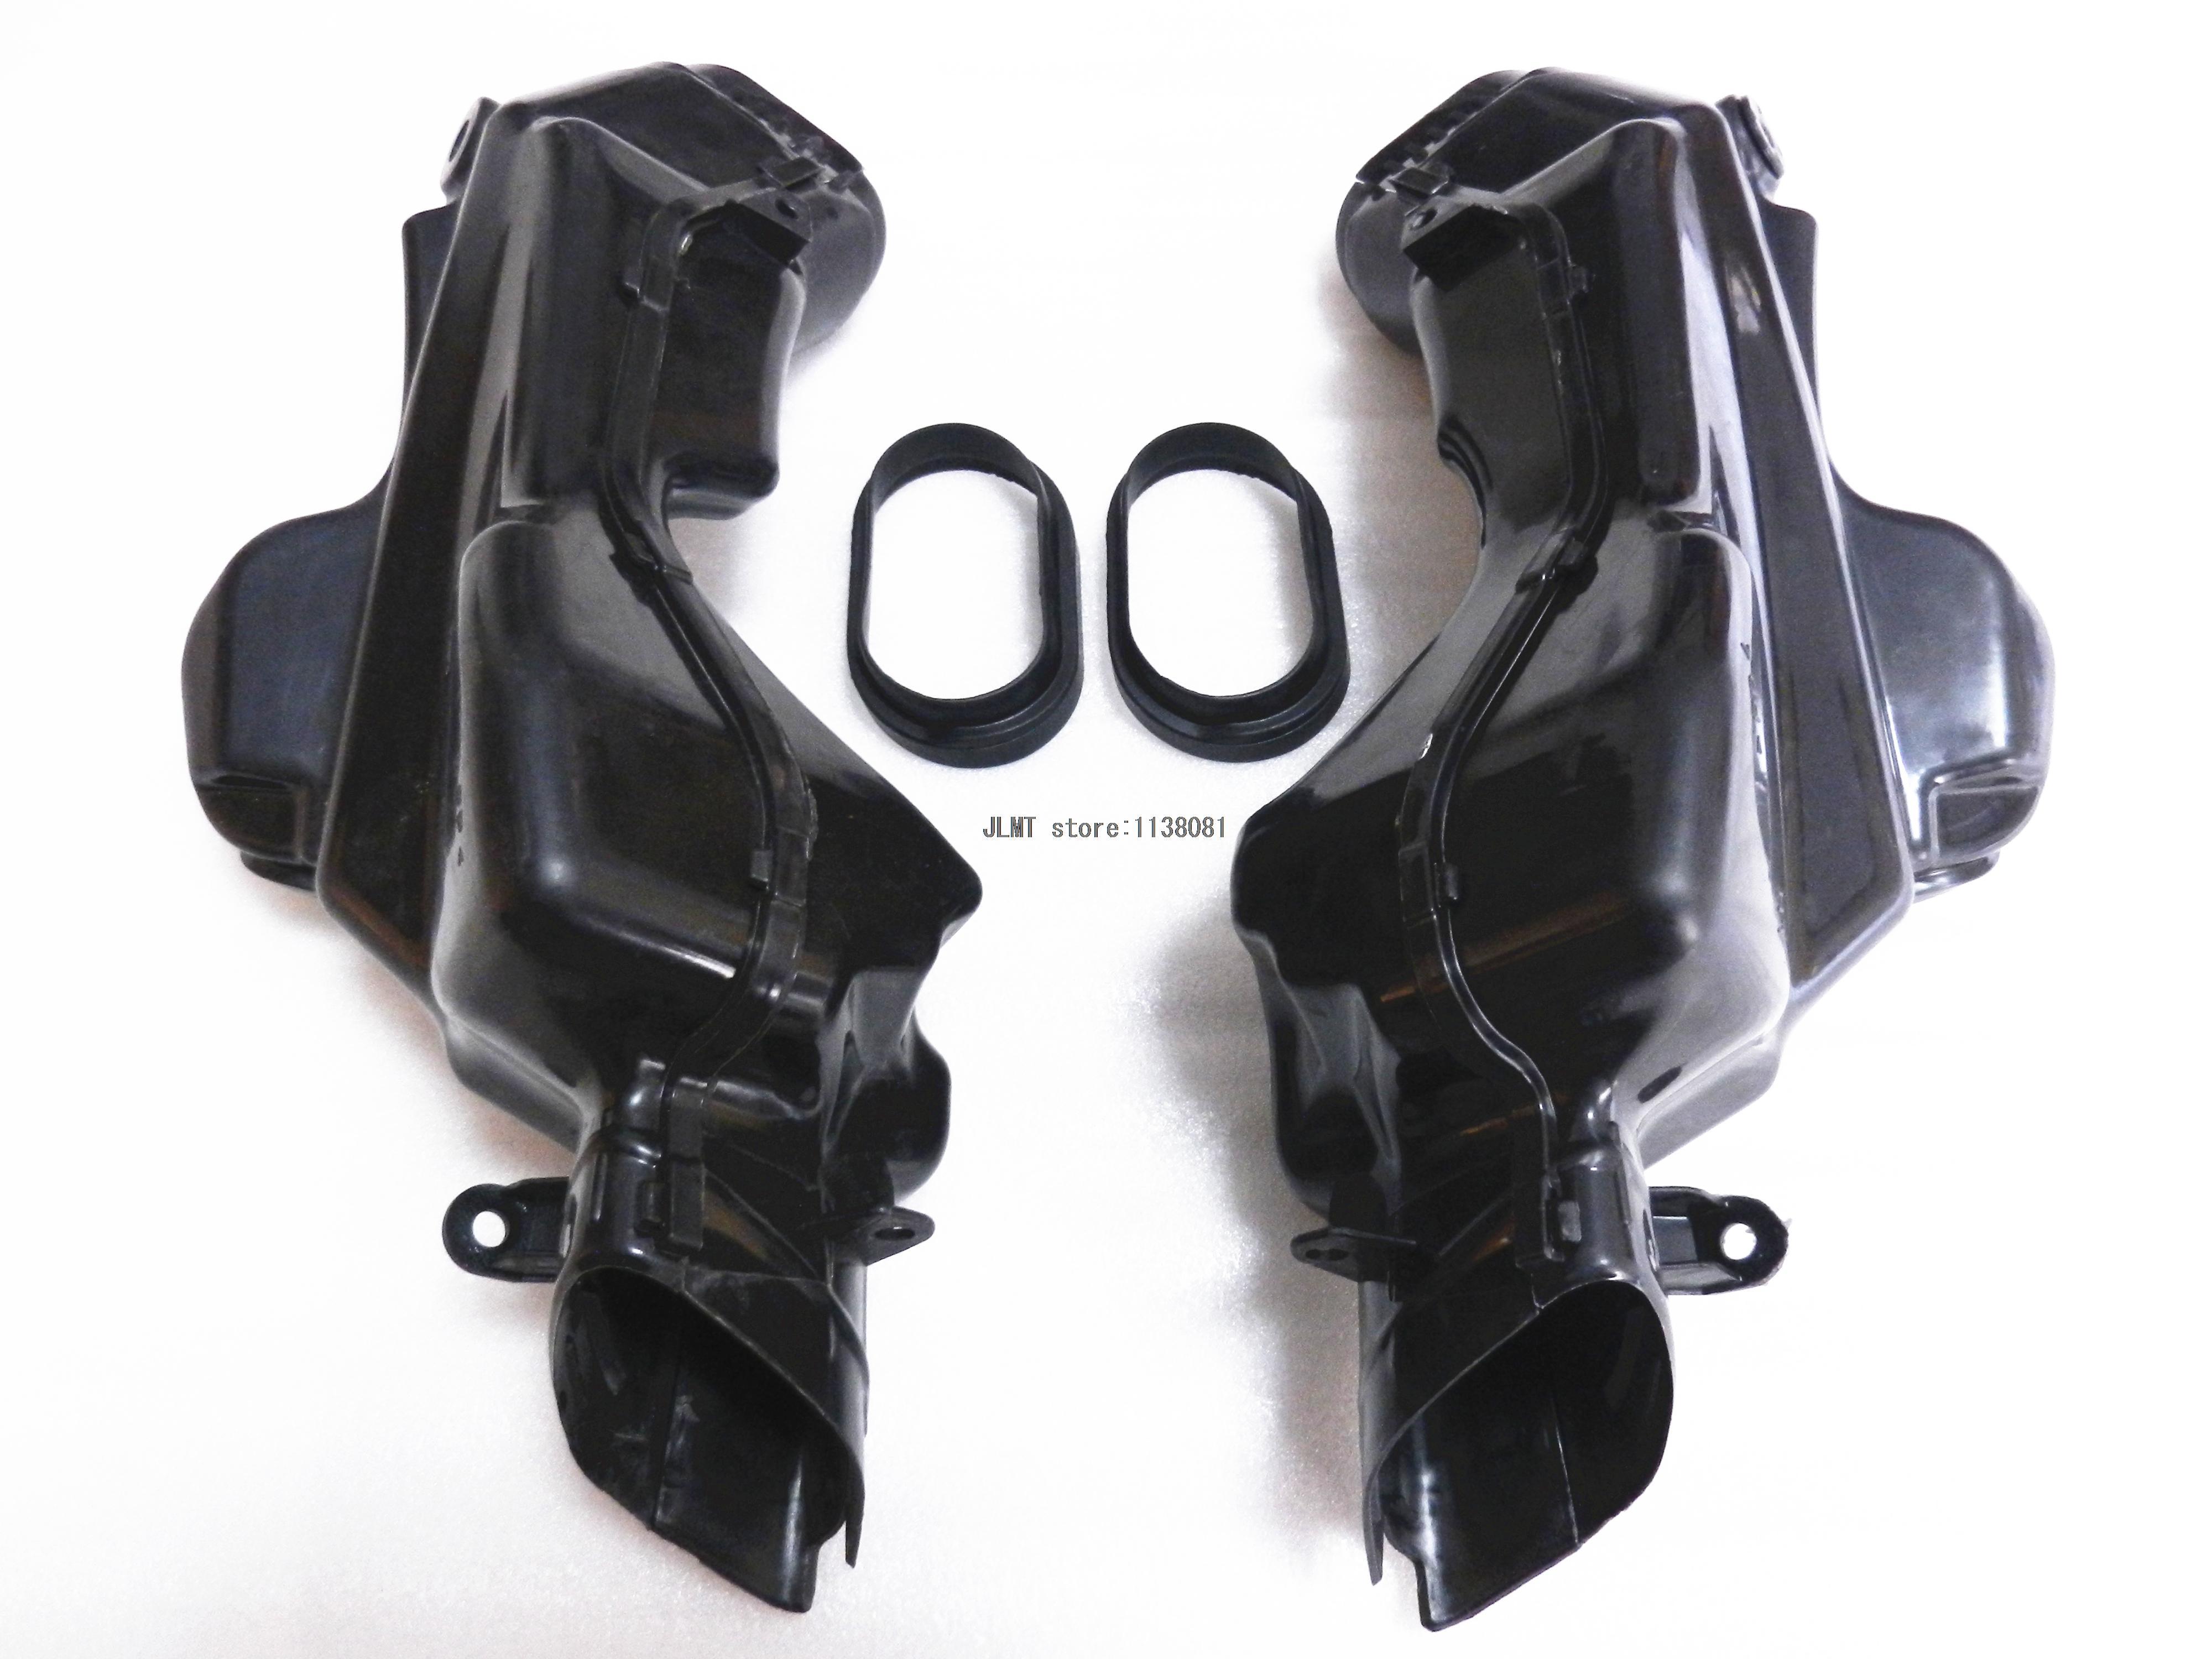 Ram Air Intake Tube Duct for Suzuki GSXR1000 GSX-R1000 GSXR 1000 2008 2007 08 07 new motorcycle ram air intake tube duct for suzuki gsxr600 gsxr750 2006 2007 k6 abs plastic black